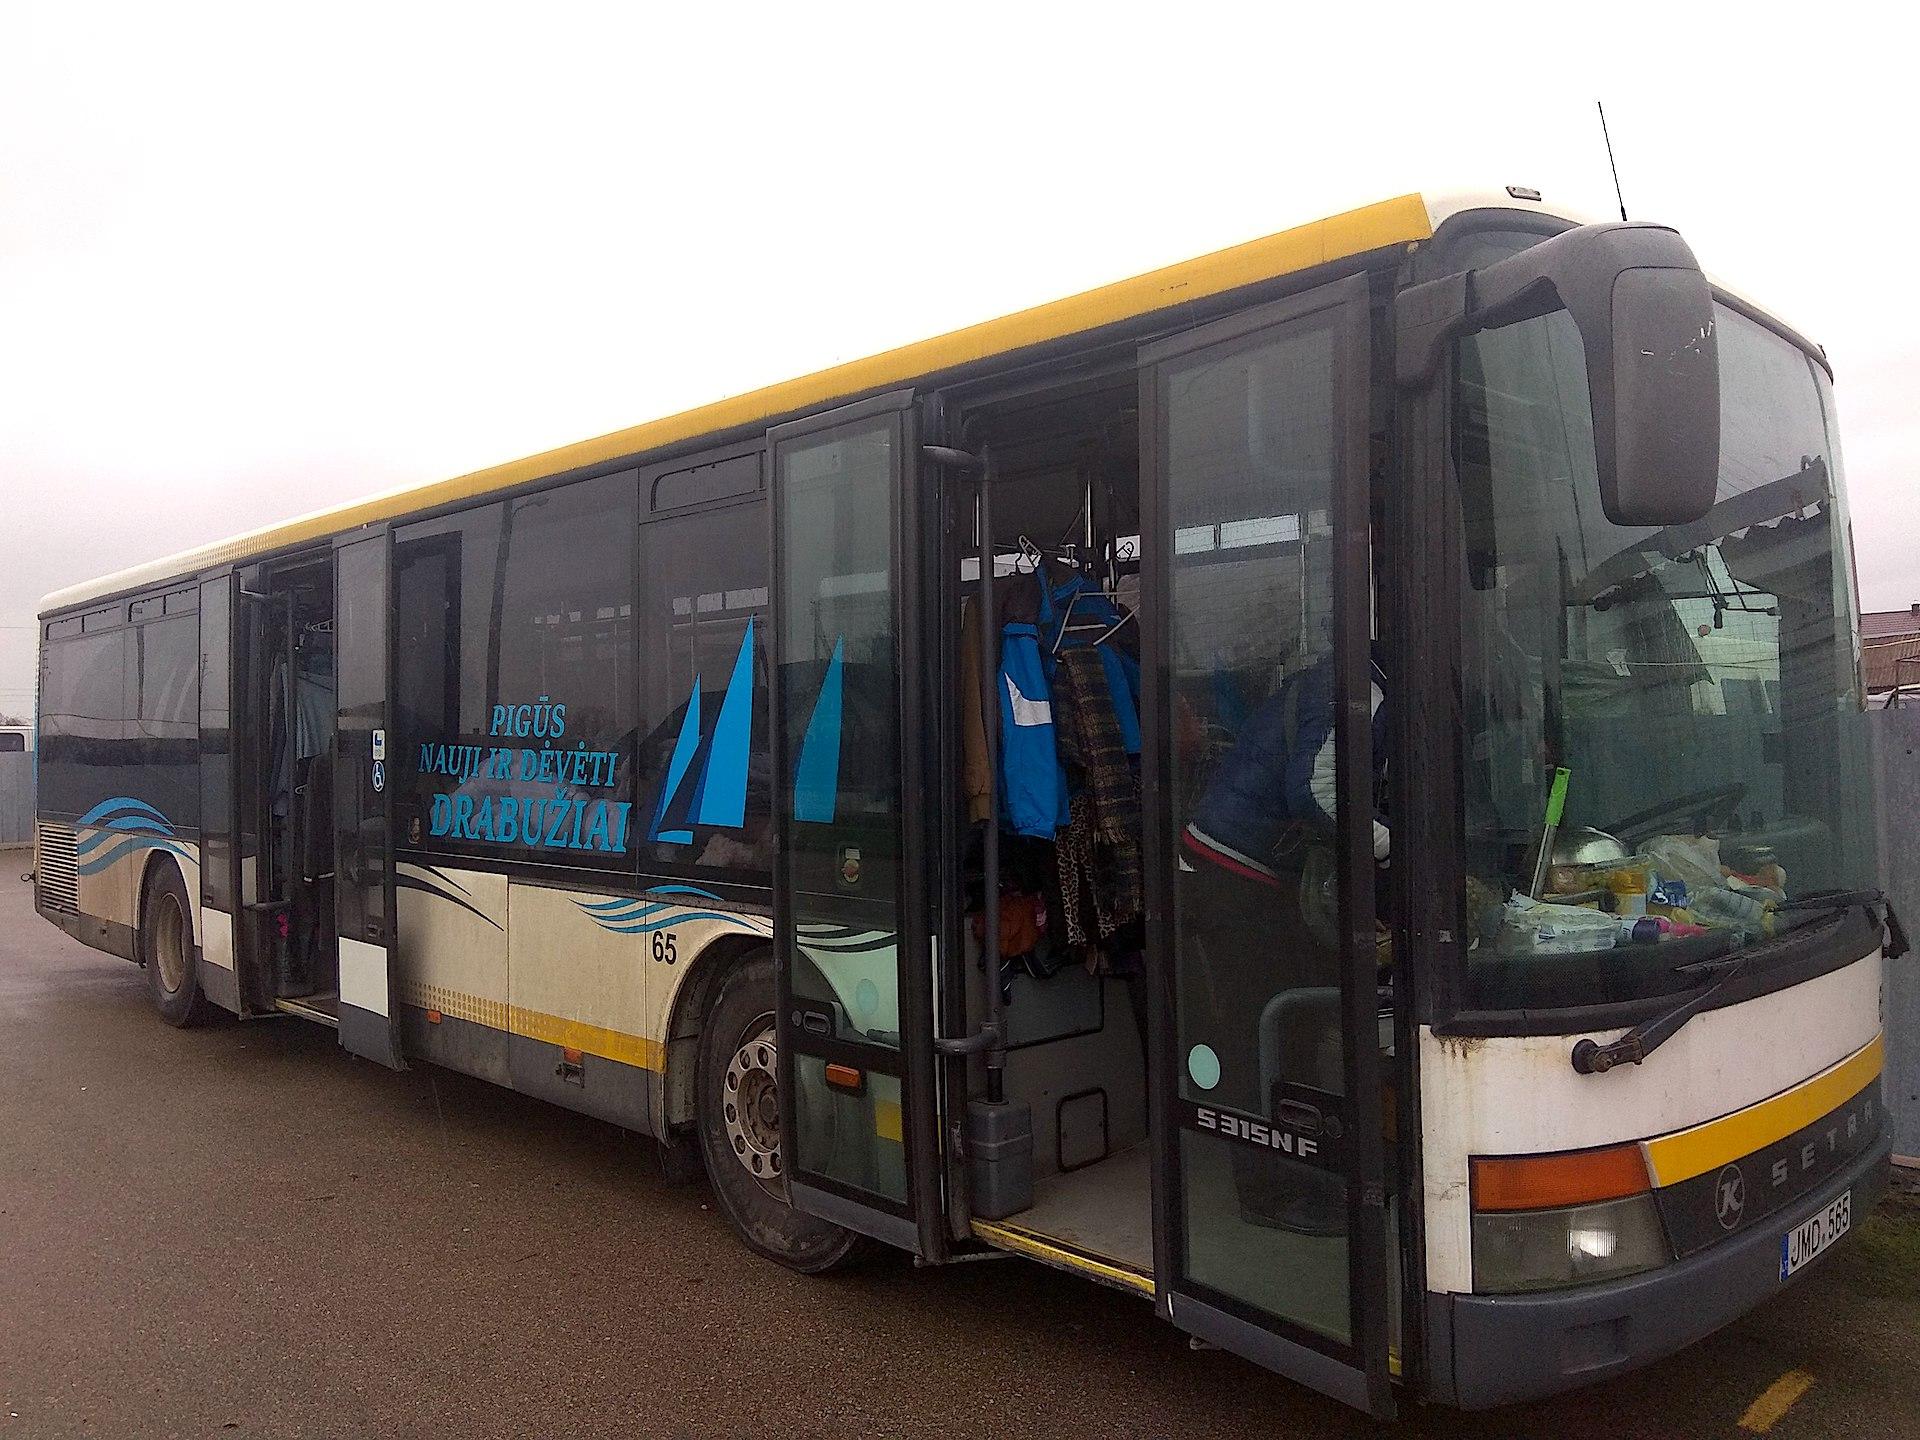 Dabar verslininkas keliauja autobusu po visus Kėdainius. Jis įsigyti pigių rūbų siūlo ne tik miesto, bet ir kaimo gyventojams. / D. Kuprijanovo nuotr.